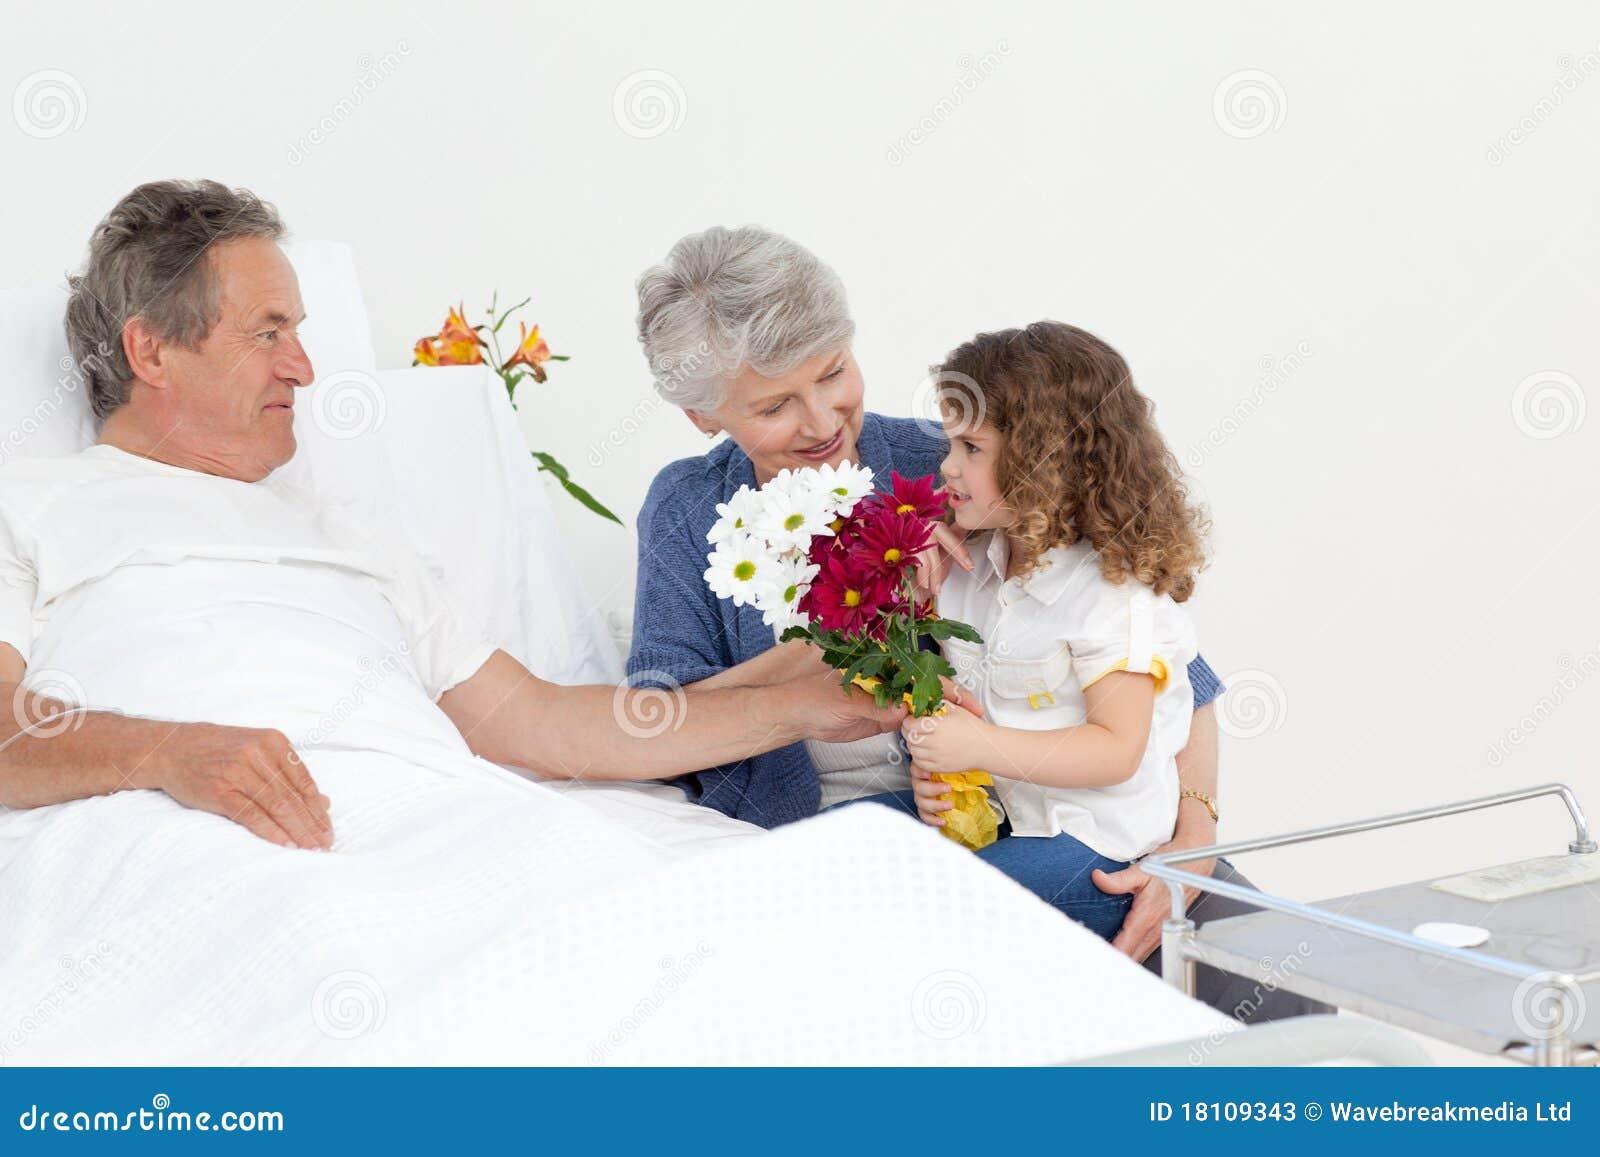 zasadil-vnuchke